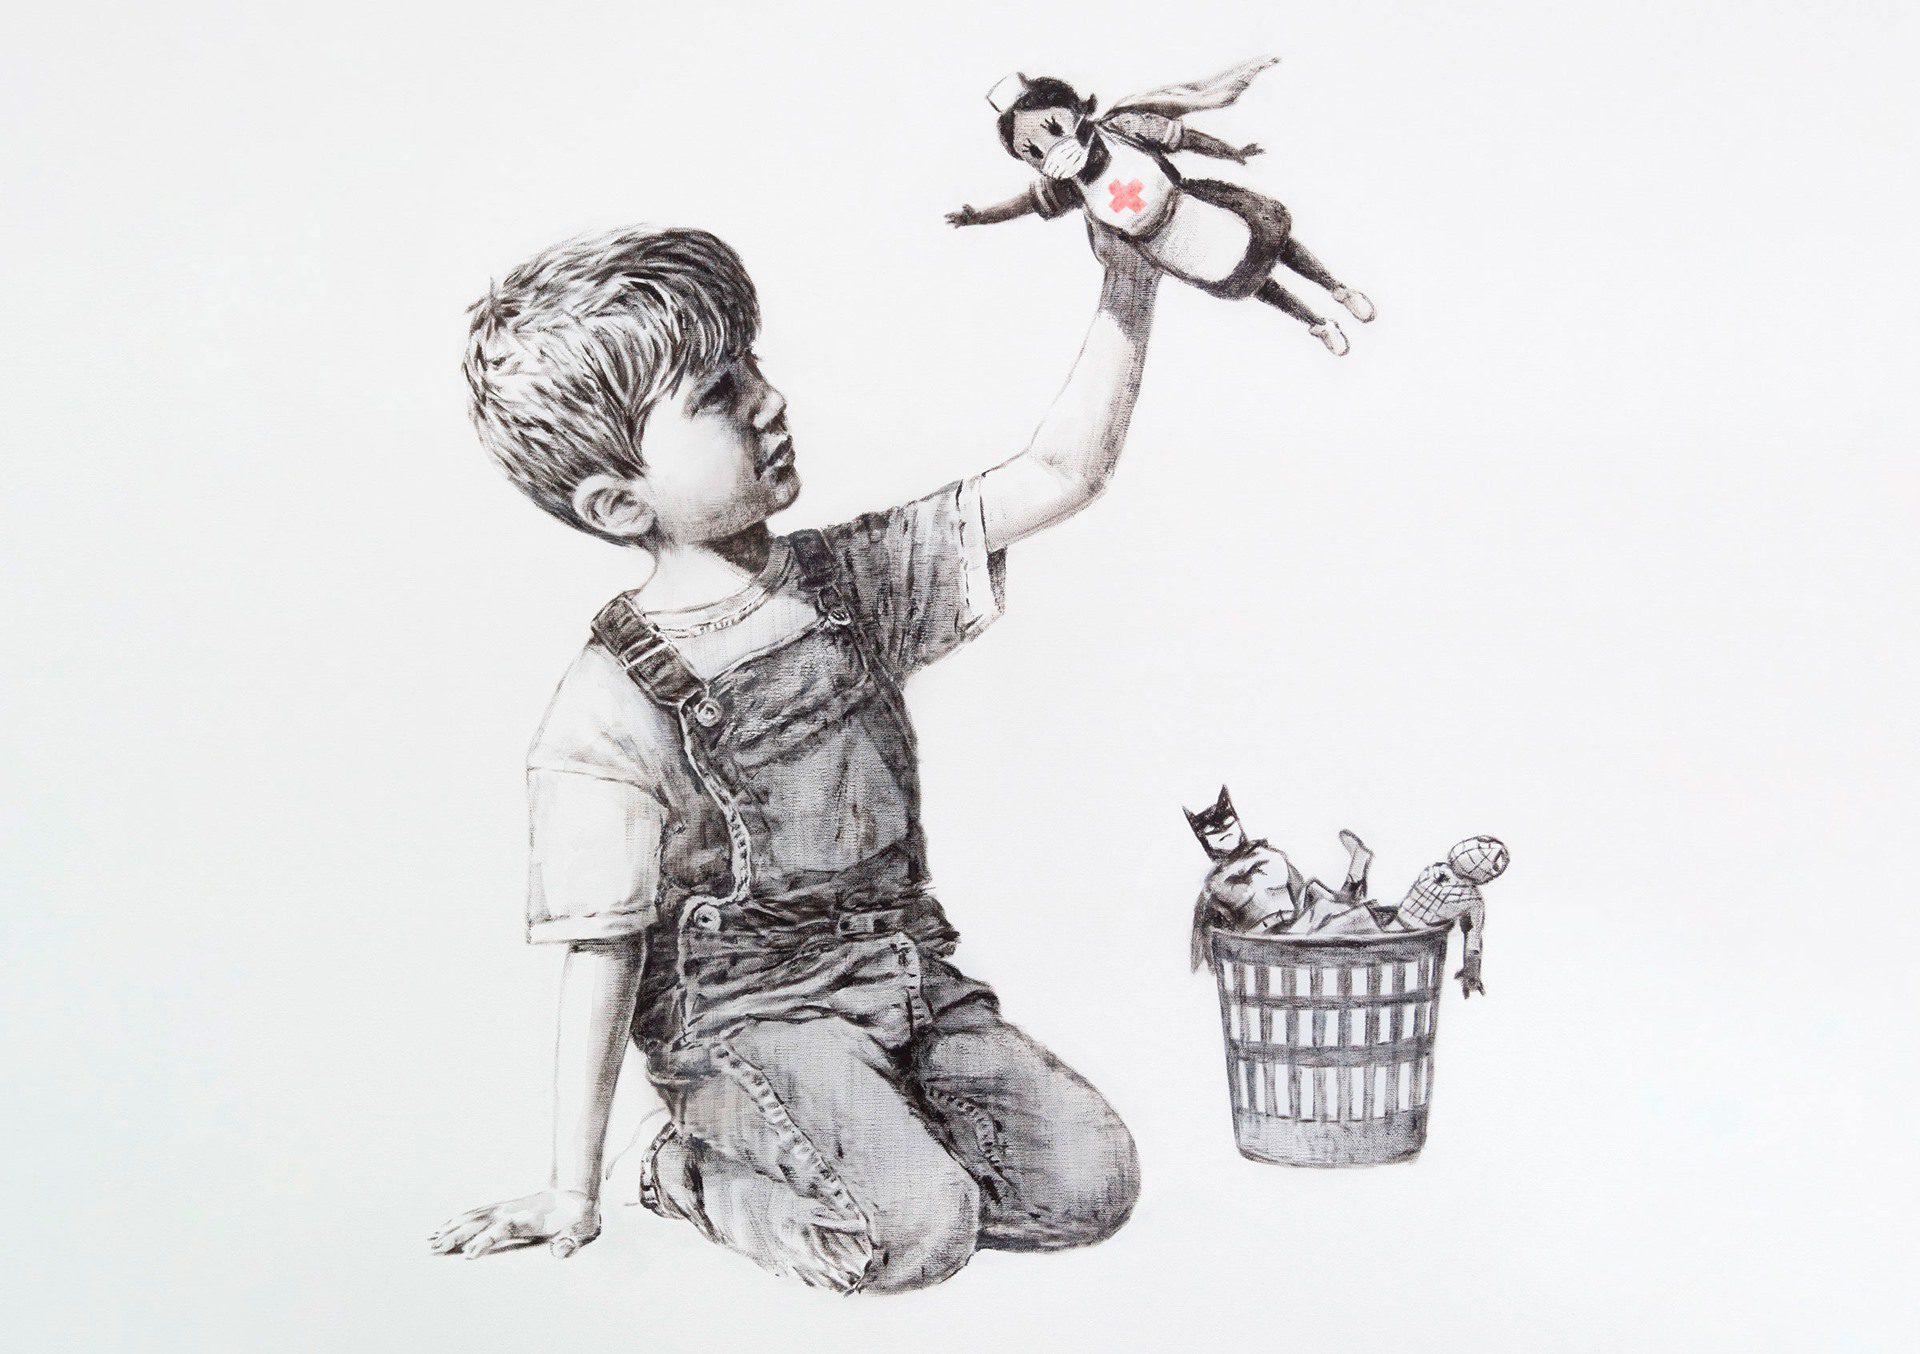 Obra del artista británico Banksy como homenaje al trabajo de los sanitarios durante la pandemia.